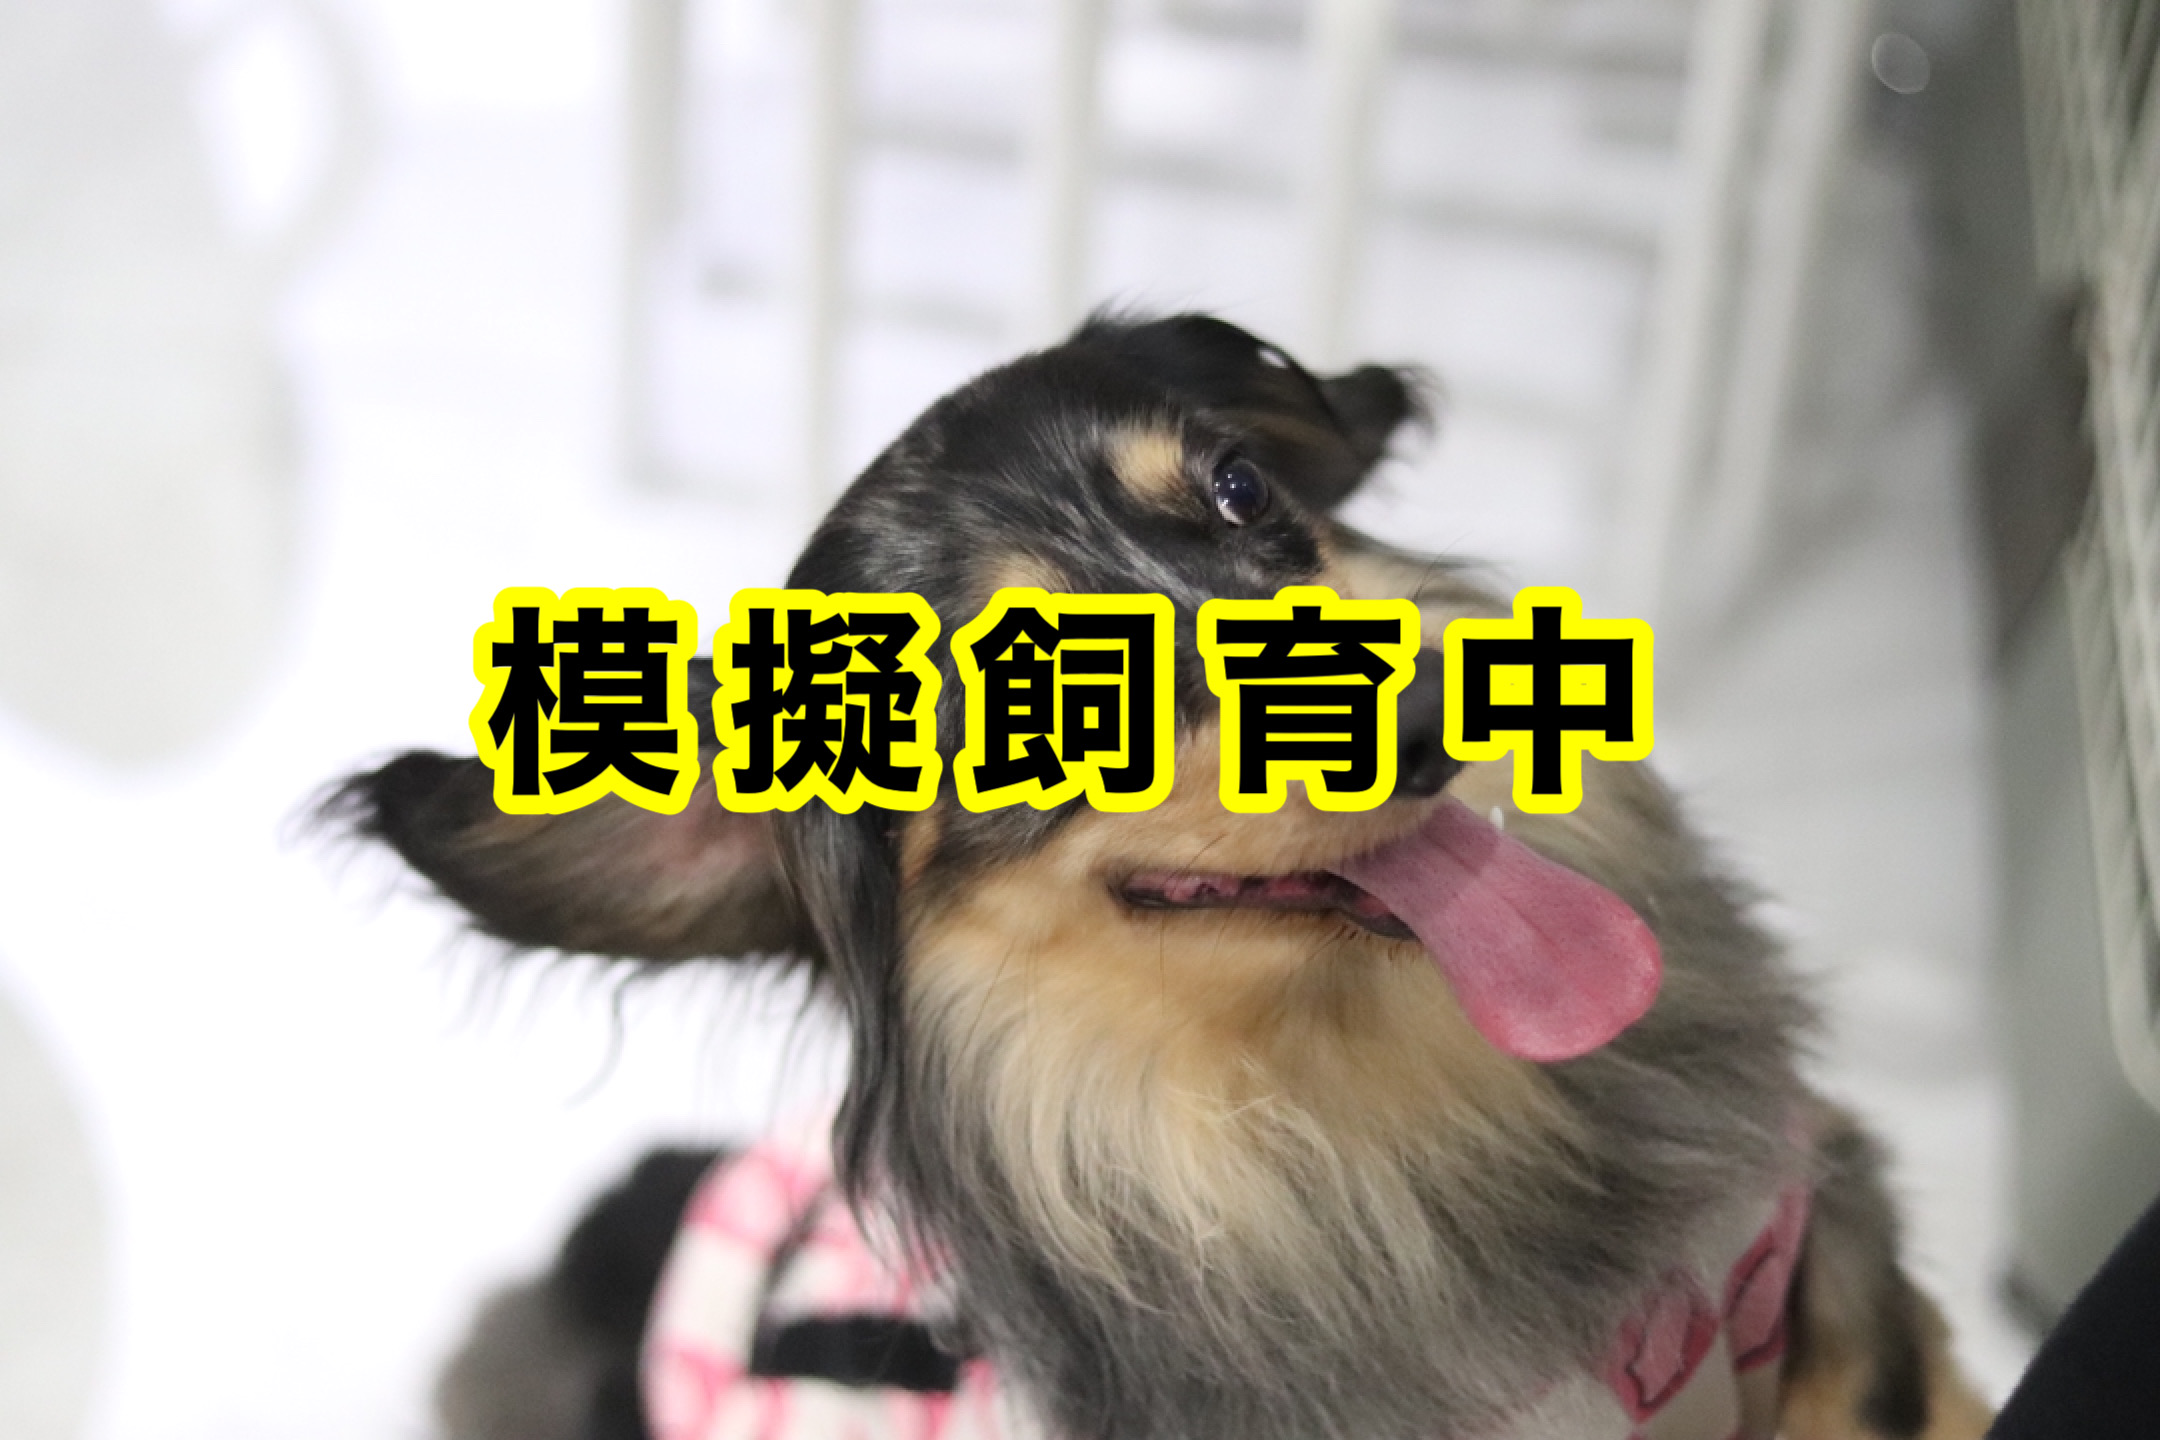 <ul> <li>犬種:ミニチュアダックスフンド</li> <li>名前(性別):リヨン(男の子)</li> <li>年齢:2014年4月14日生まれ</li> <li>保護経緯:飼い主が亡くなり、親族も引き継いで飼うことが出来ない</li> </ul>